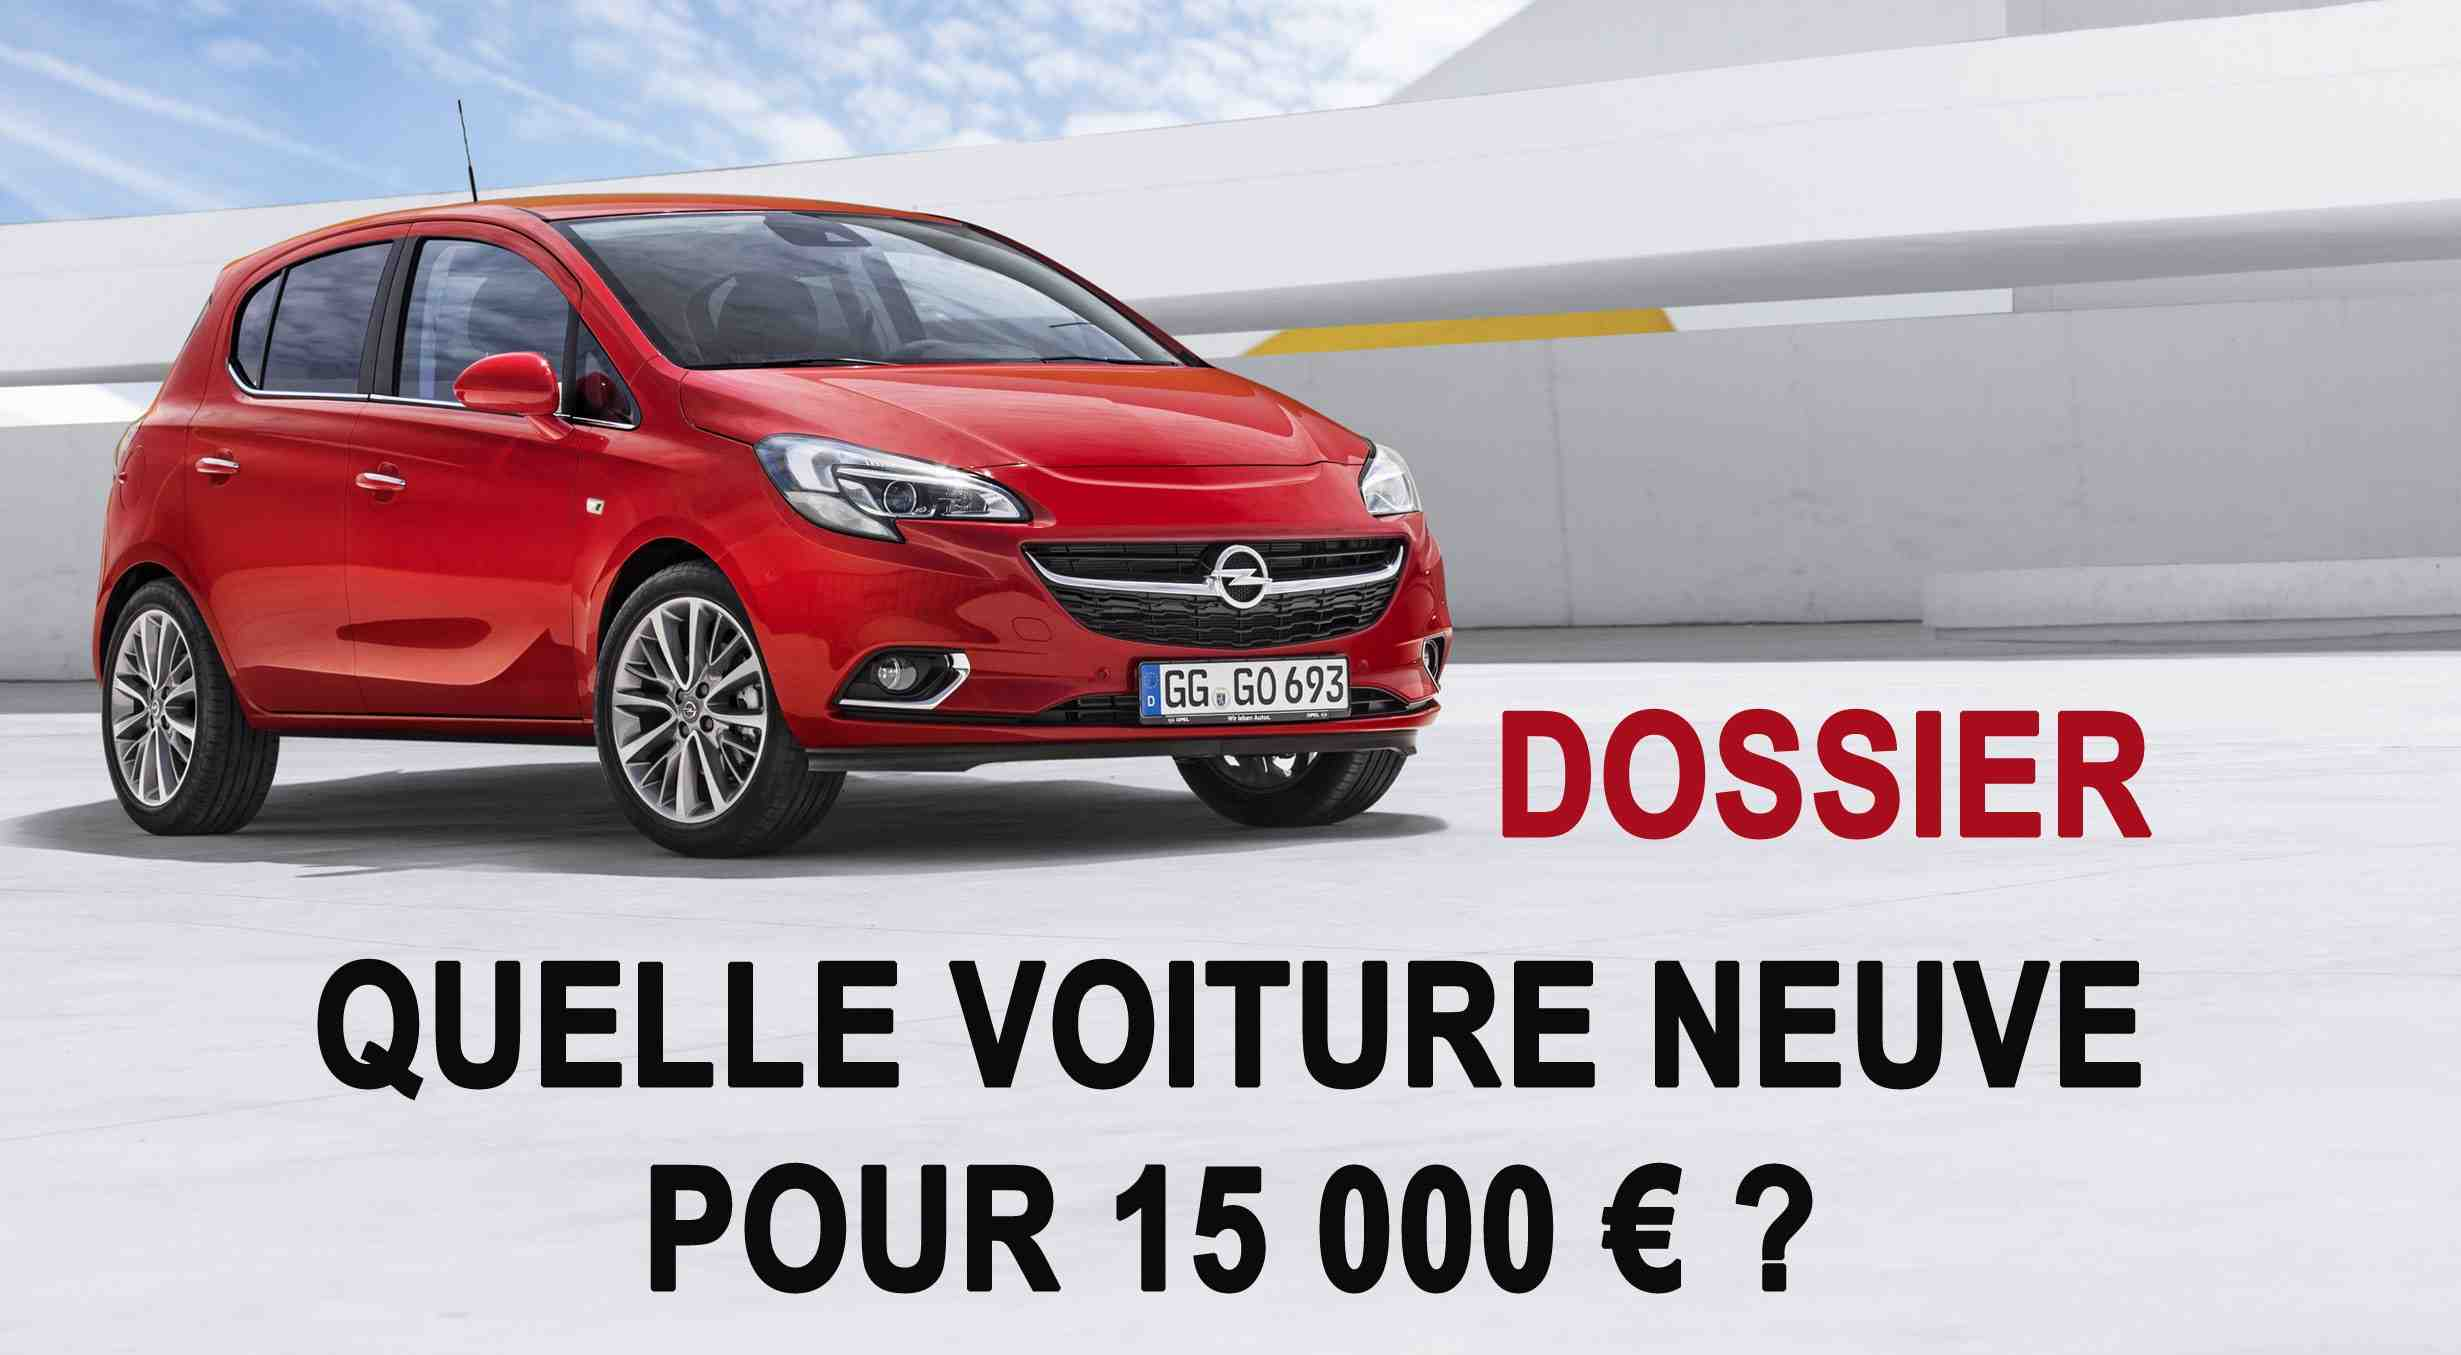 Quelle voiture est choisie pour 15 000?